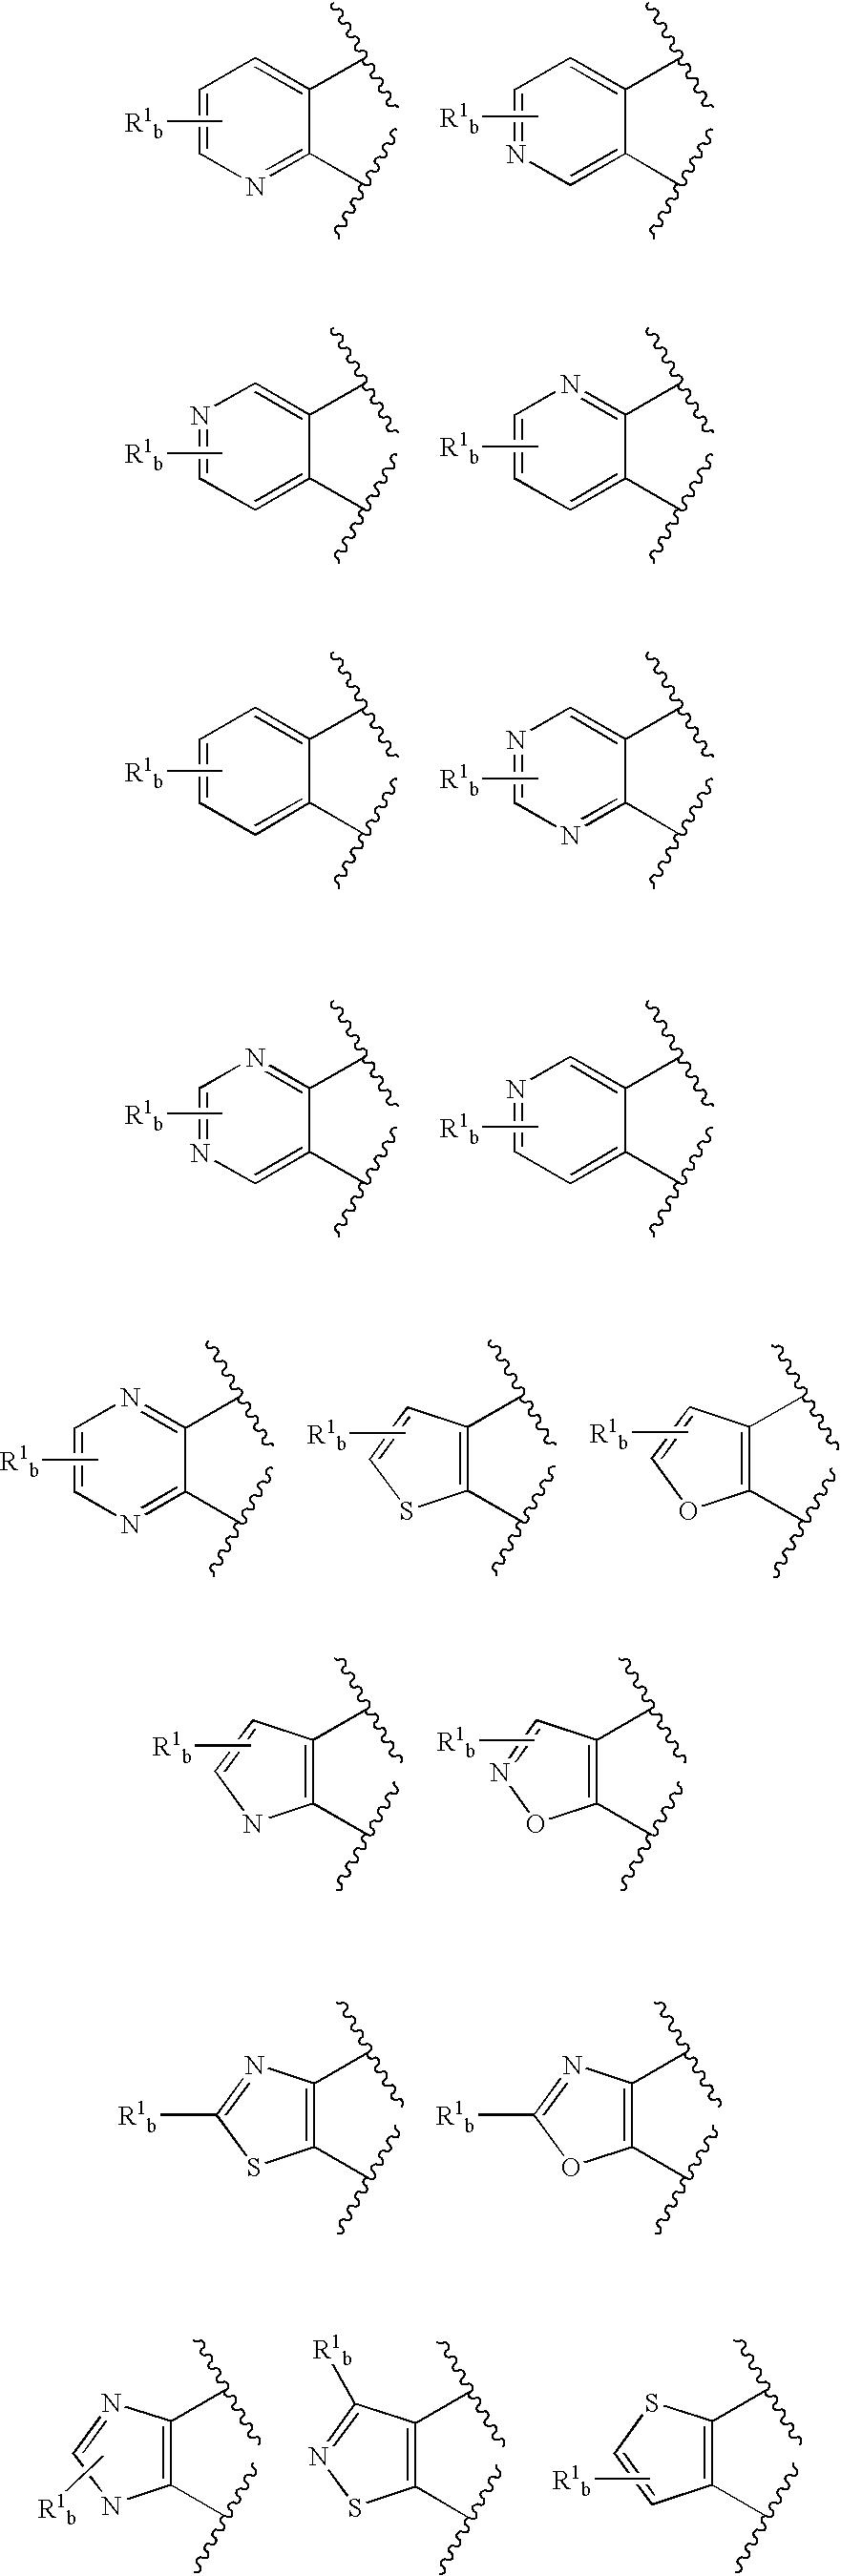 Figure US20080045526A1-20080221-C00004